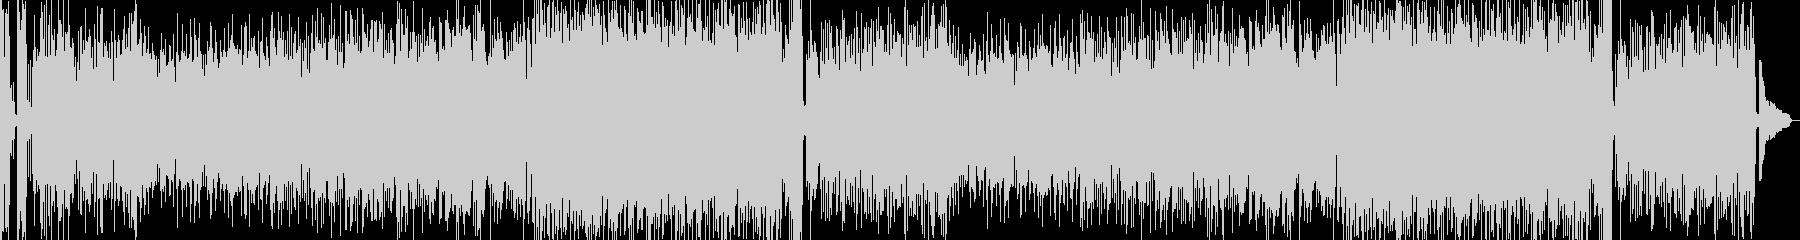 明るく軽快なバイオリンポップスの未再生の波形